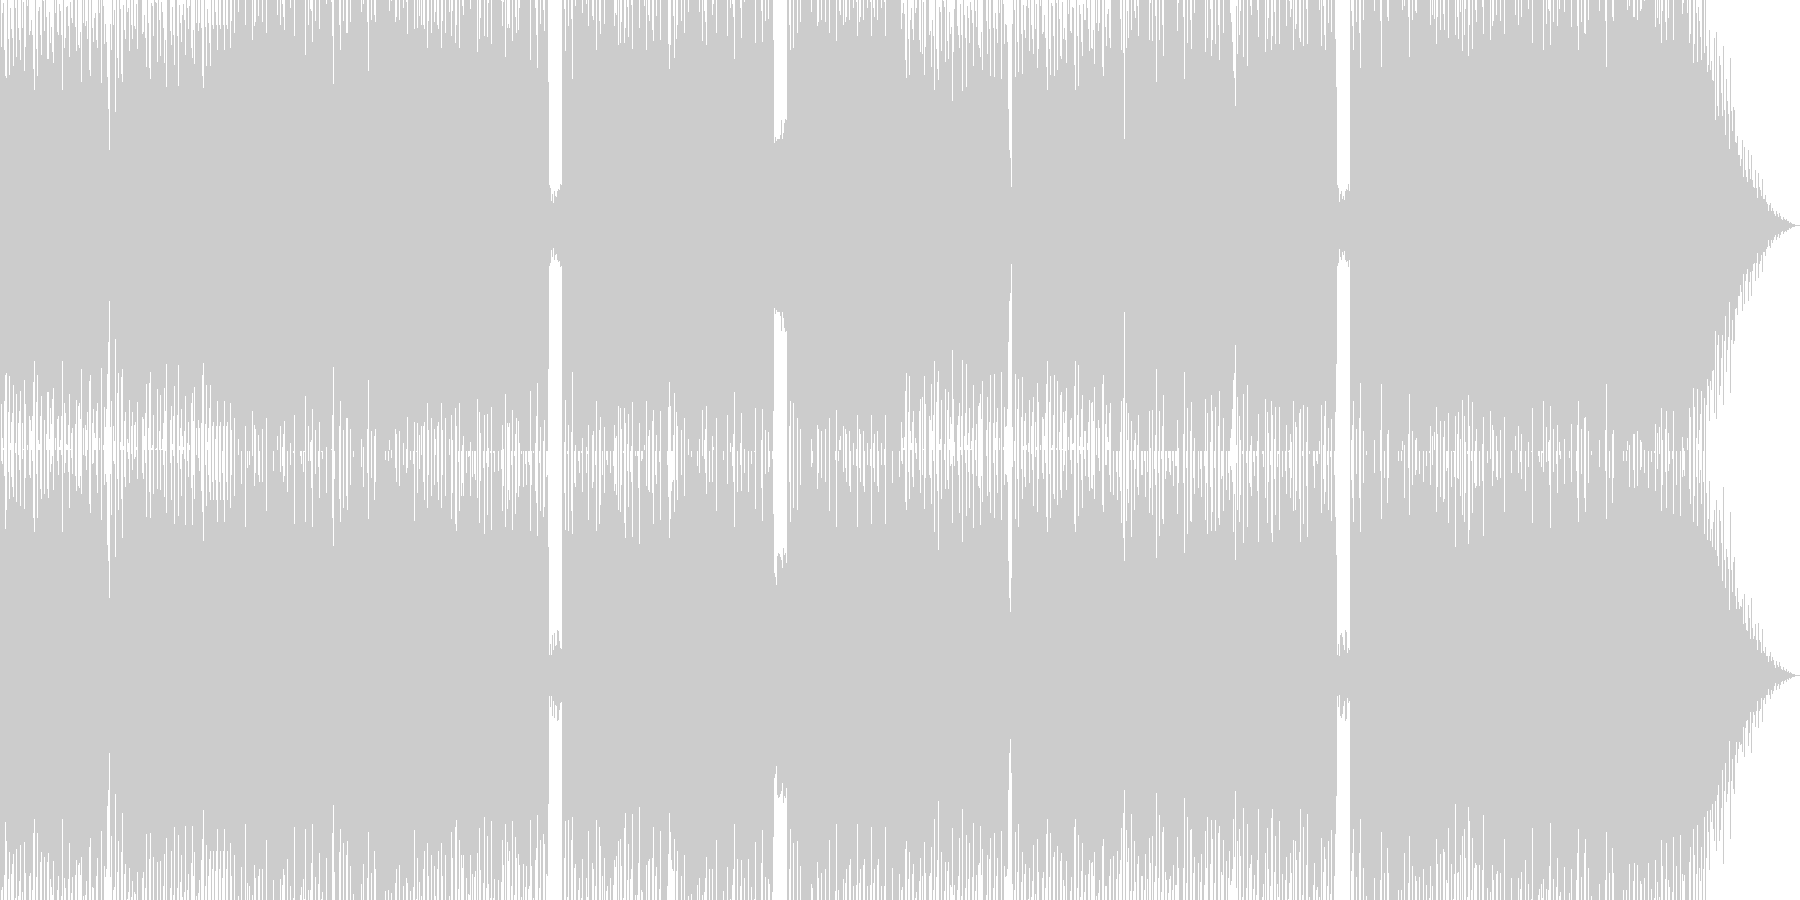 激しいデジロック調BGMの未再生の波形